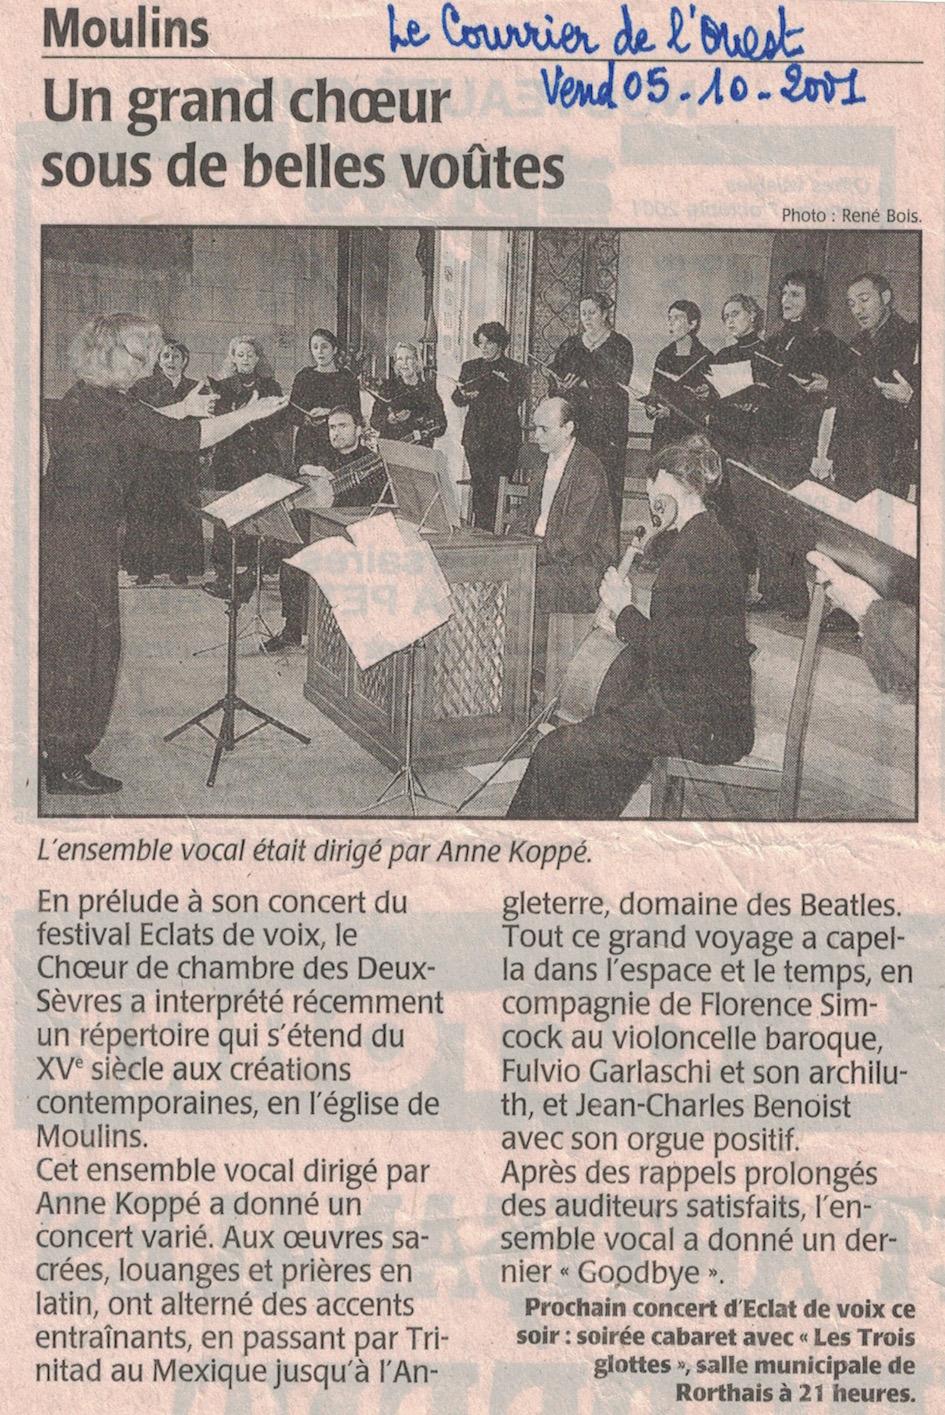 Moulins 2001